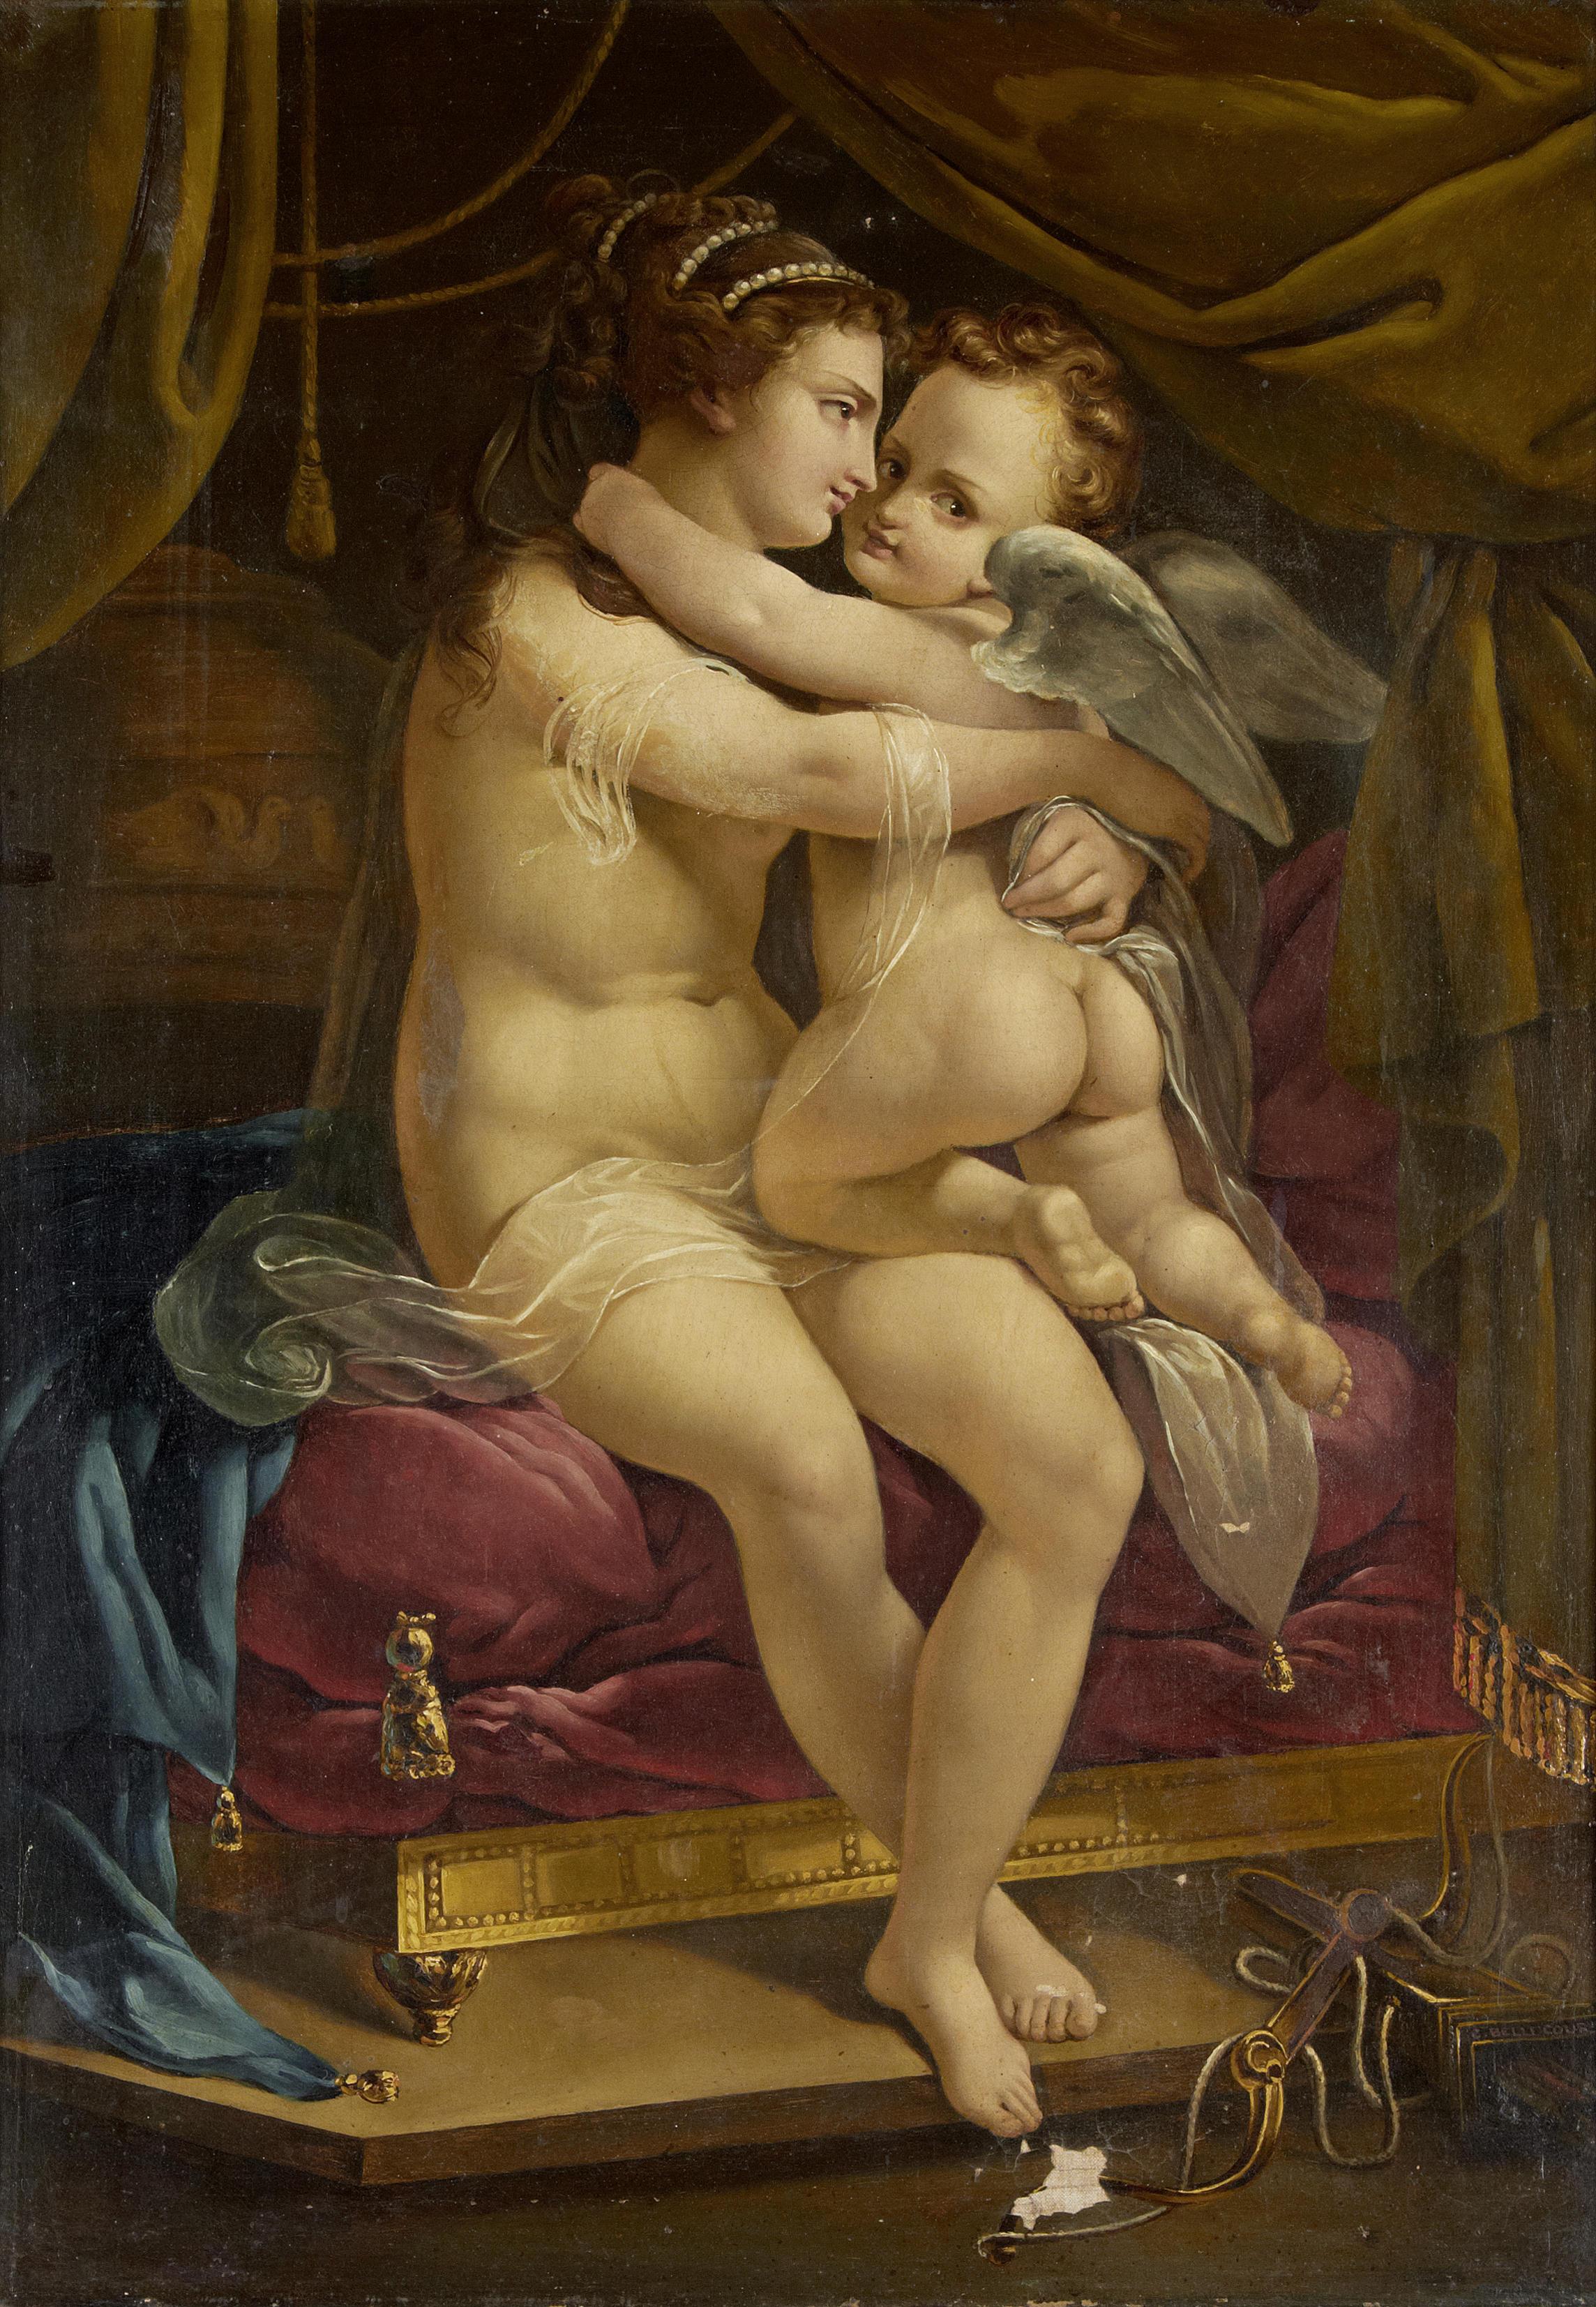 Французская школа XIX века. Венера и Амур. 79 x 57.2 см. частная коллекция